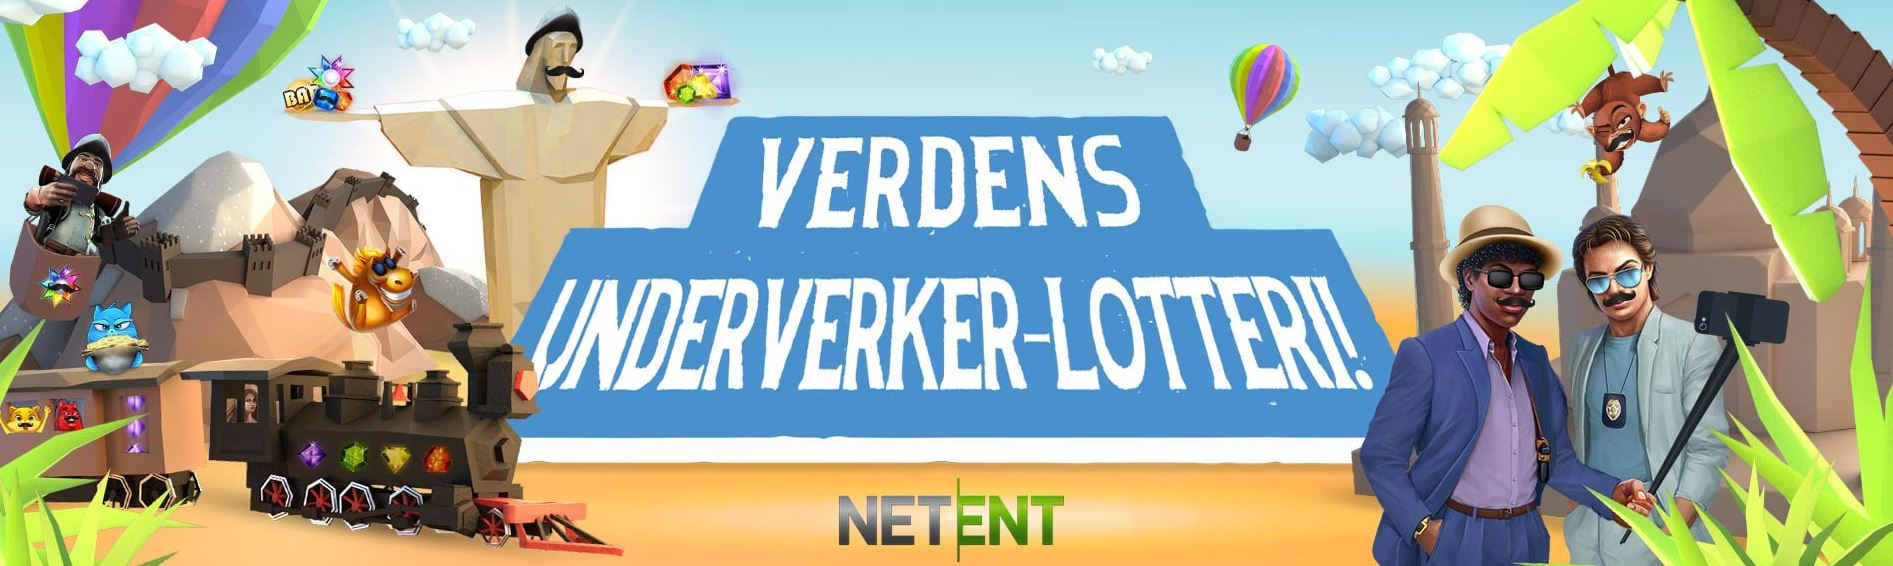 verdens syv underverker, netent logo